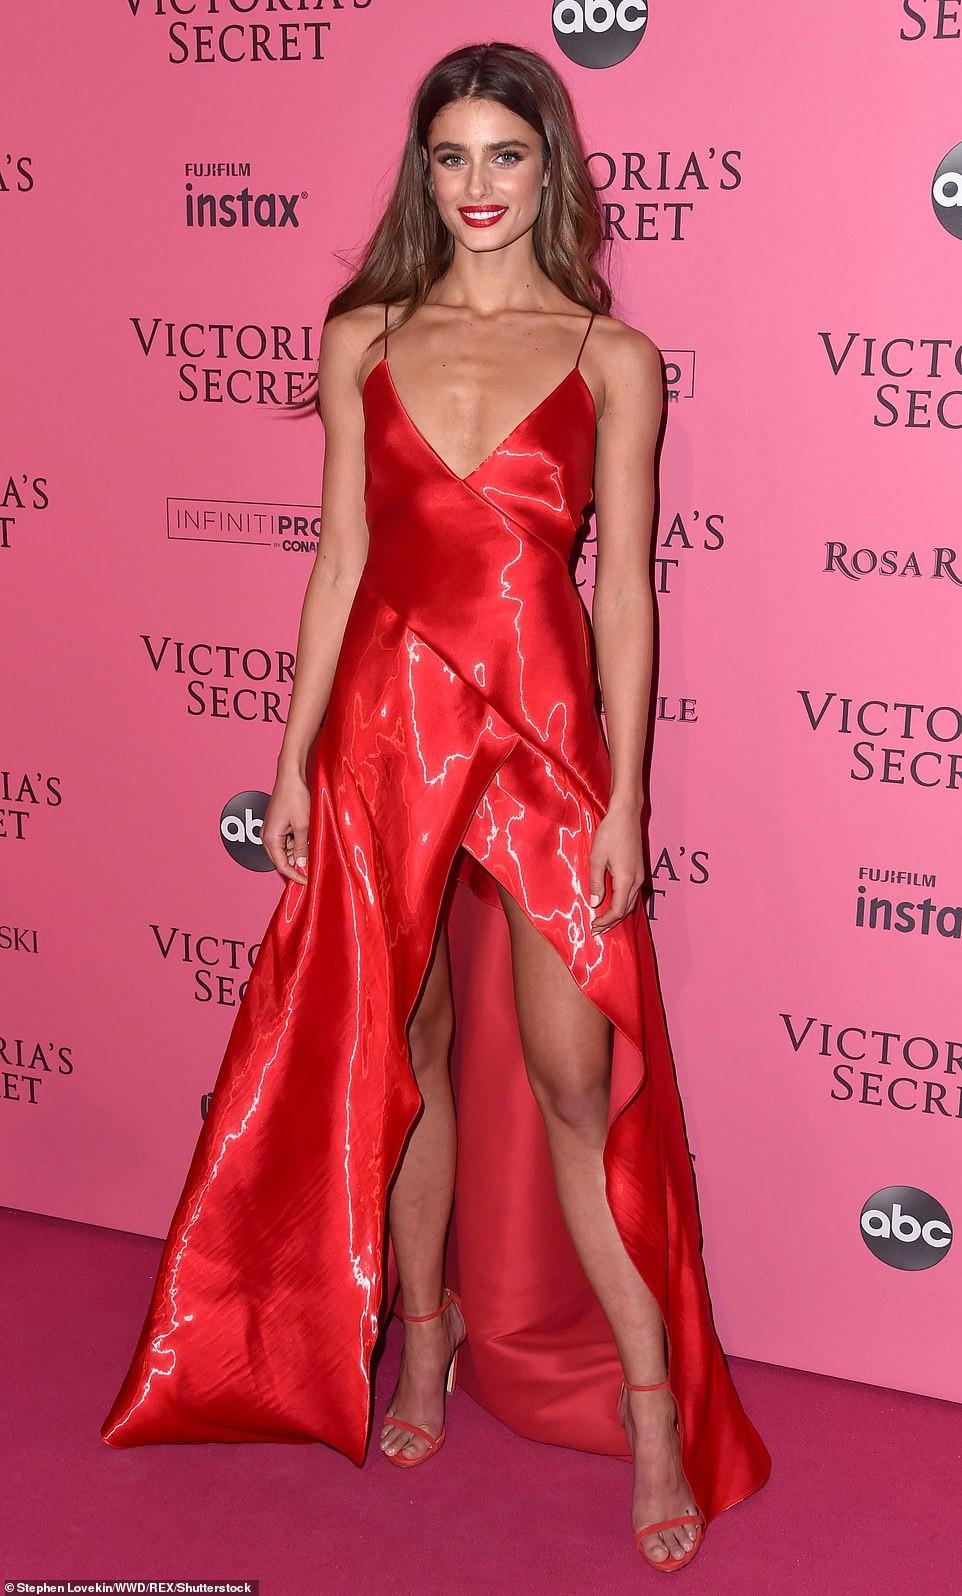 Thảm đỏ hậu show Victorias Secret: Dù không đẹp nhất, Bella Hadid vẫn nổi nhất dàn sao vì... lộ hết vòng 1 - Ảnh 7.